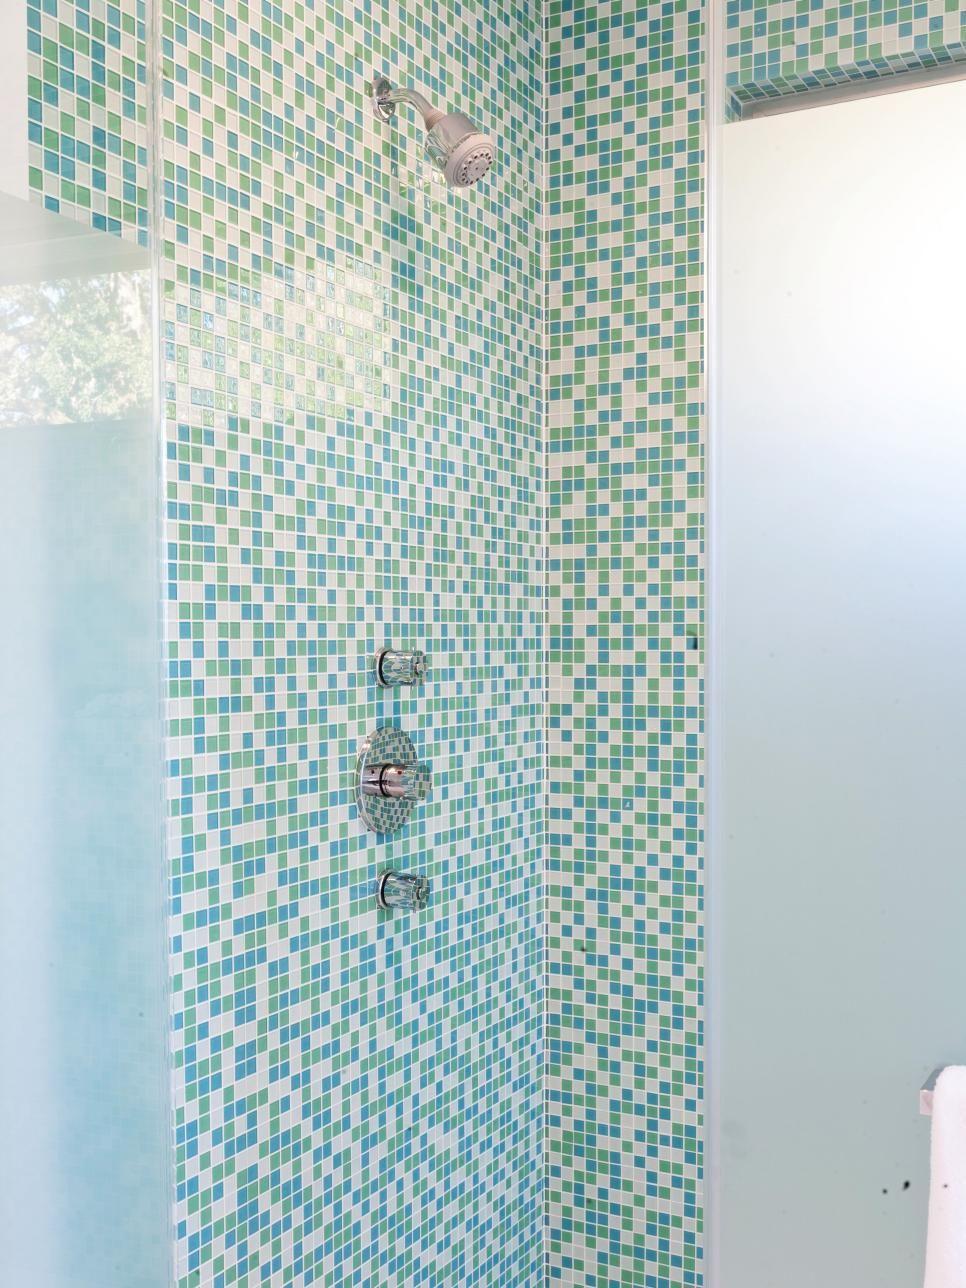 Best 13+ Bathroom Tile Design Ideas | White subway tiles, Tile ...